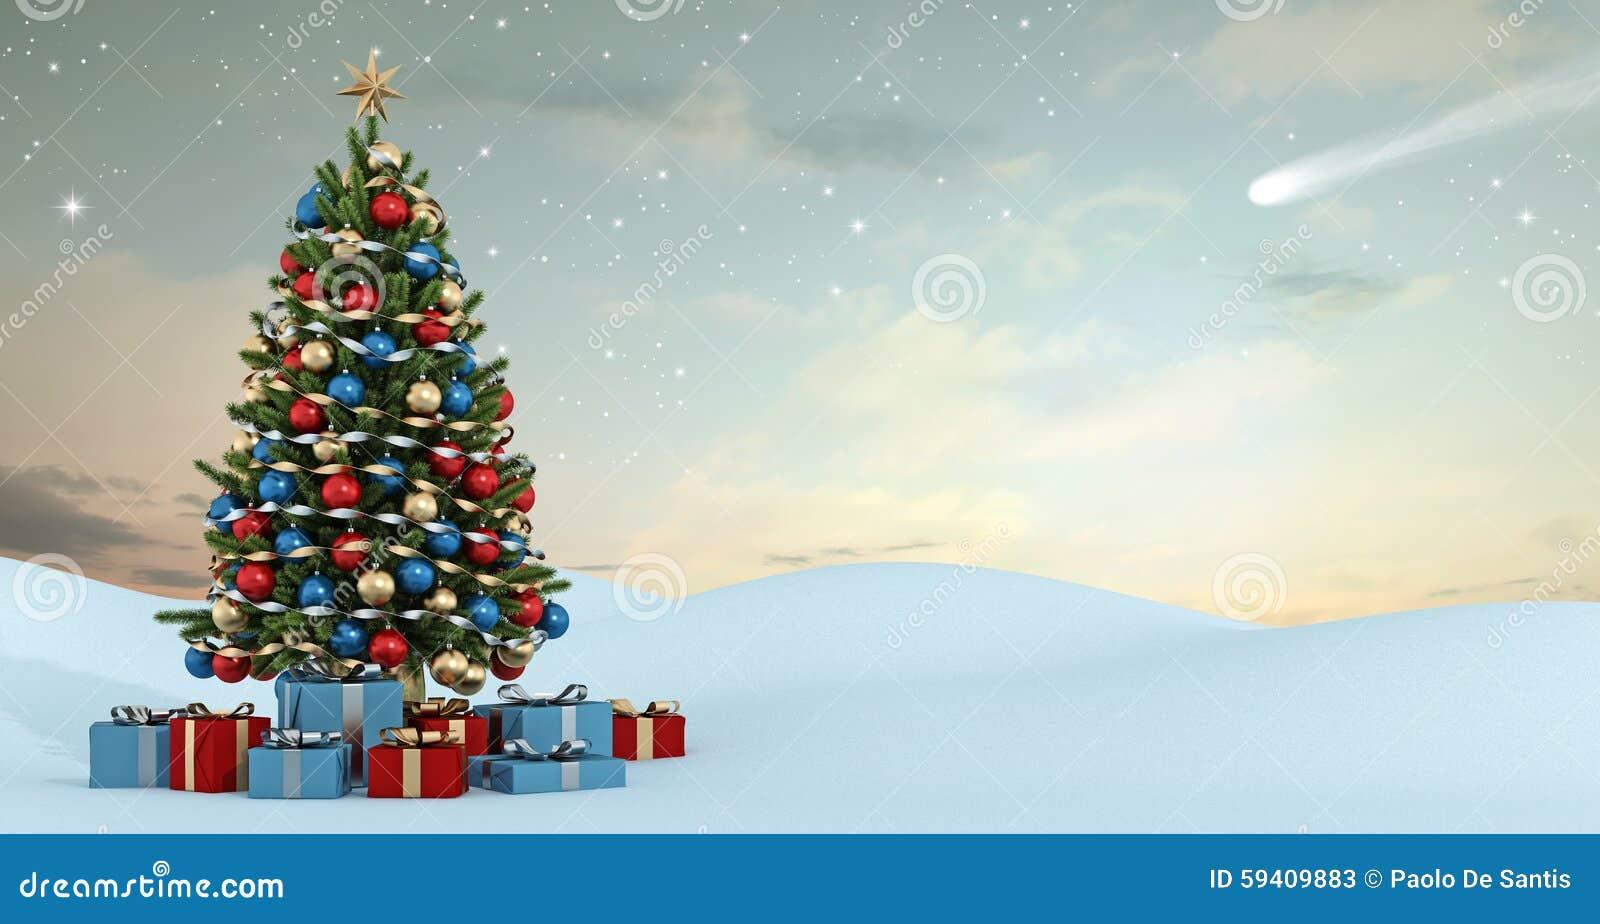 Winterlandschaft mit buntem weihnachtsbaum stock abbildung - Winterlandschaft dekoration ...